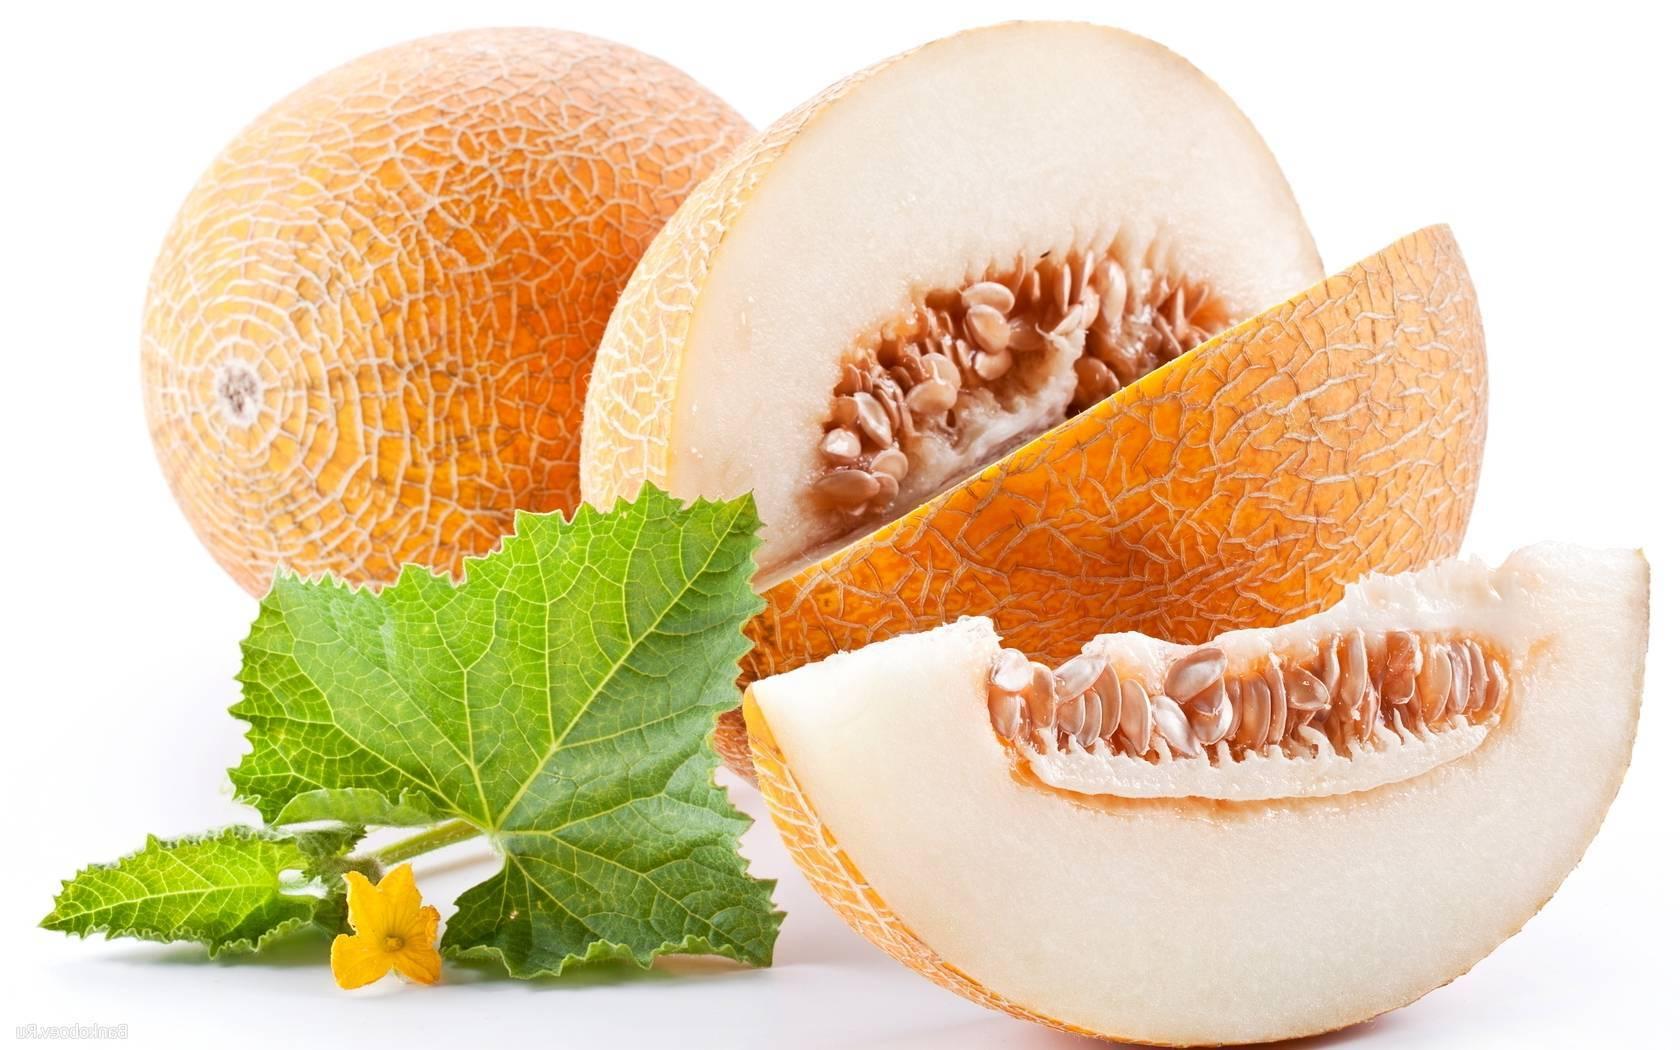 Дыня, польза и вред для здоровья, калорийность